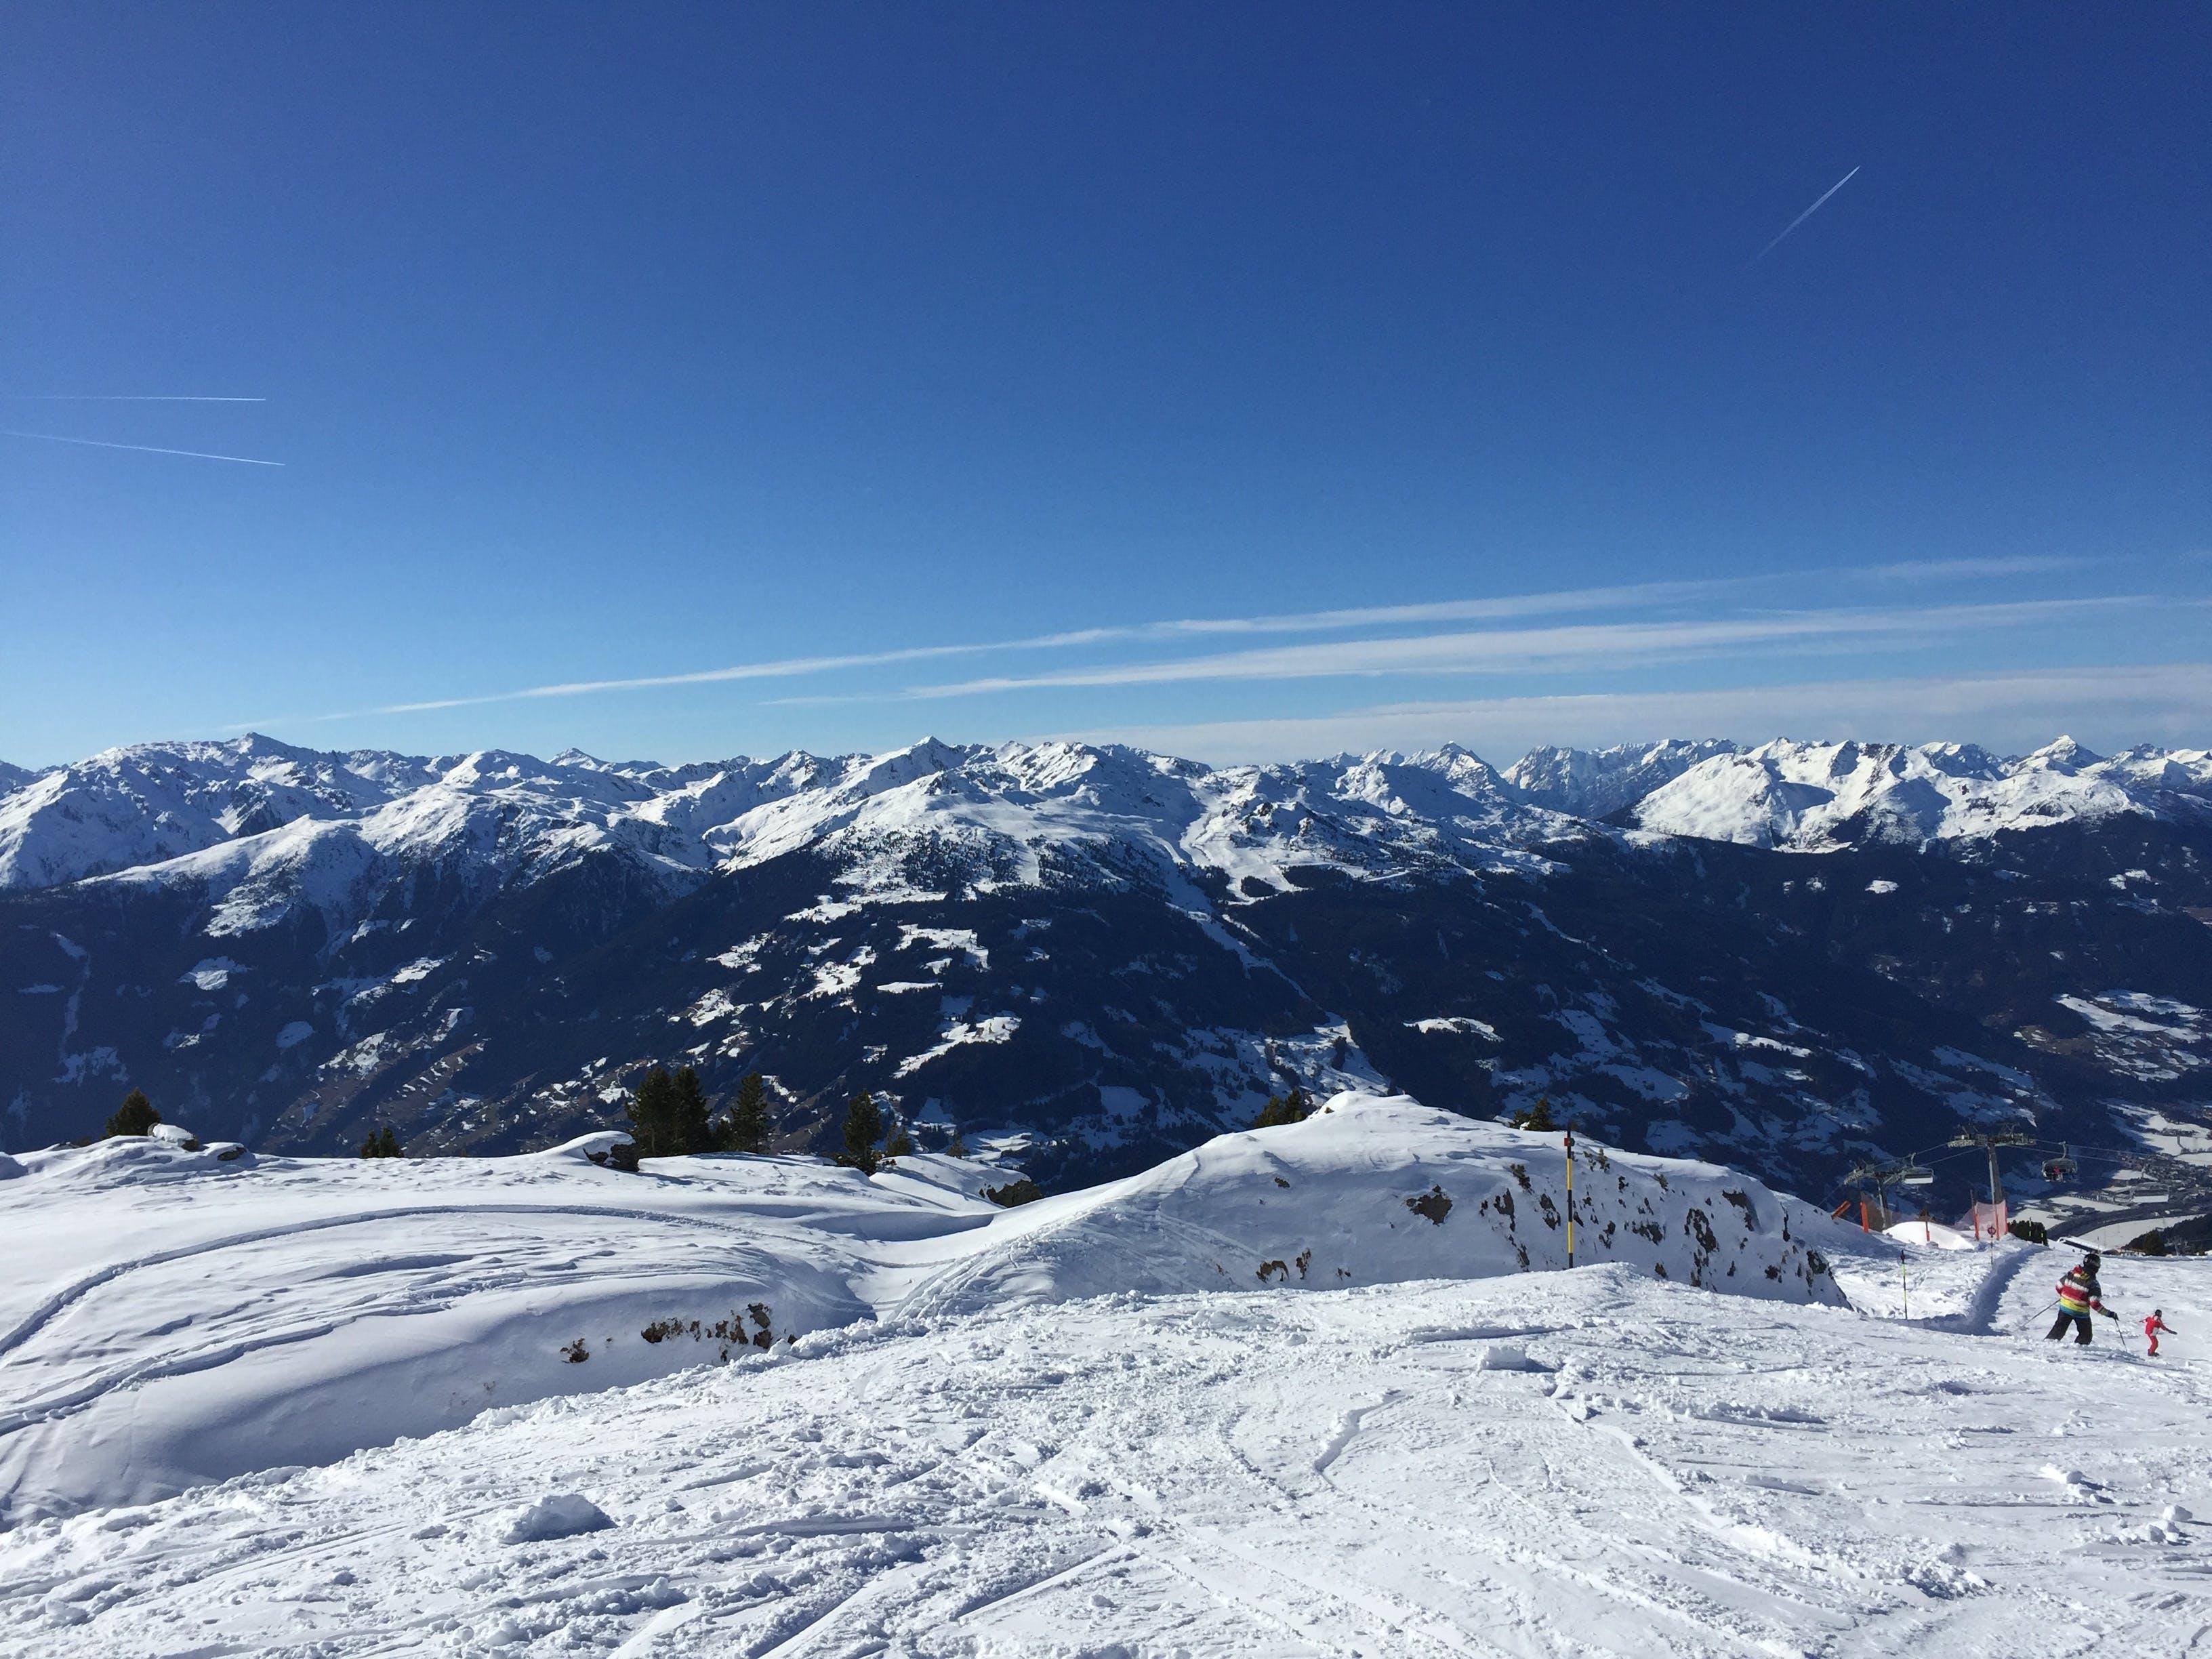 Free stock photo of mountains, ski run, sky view, snow